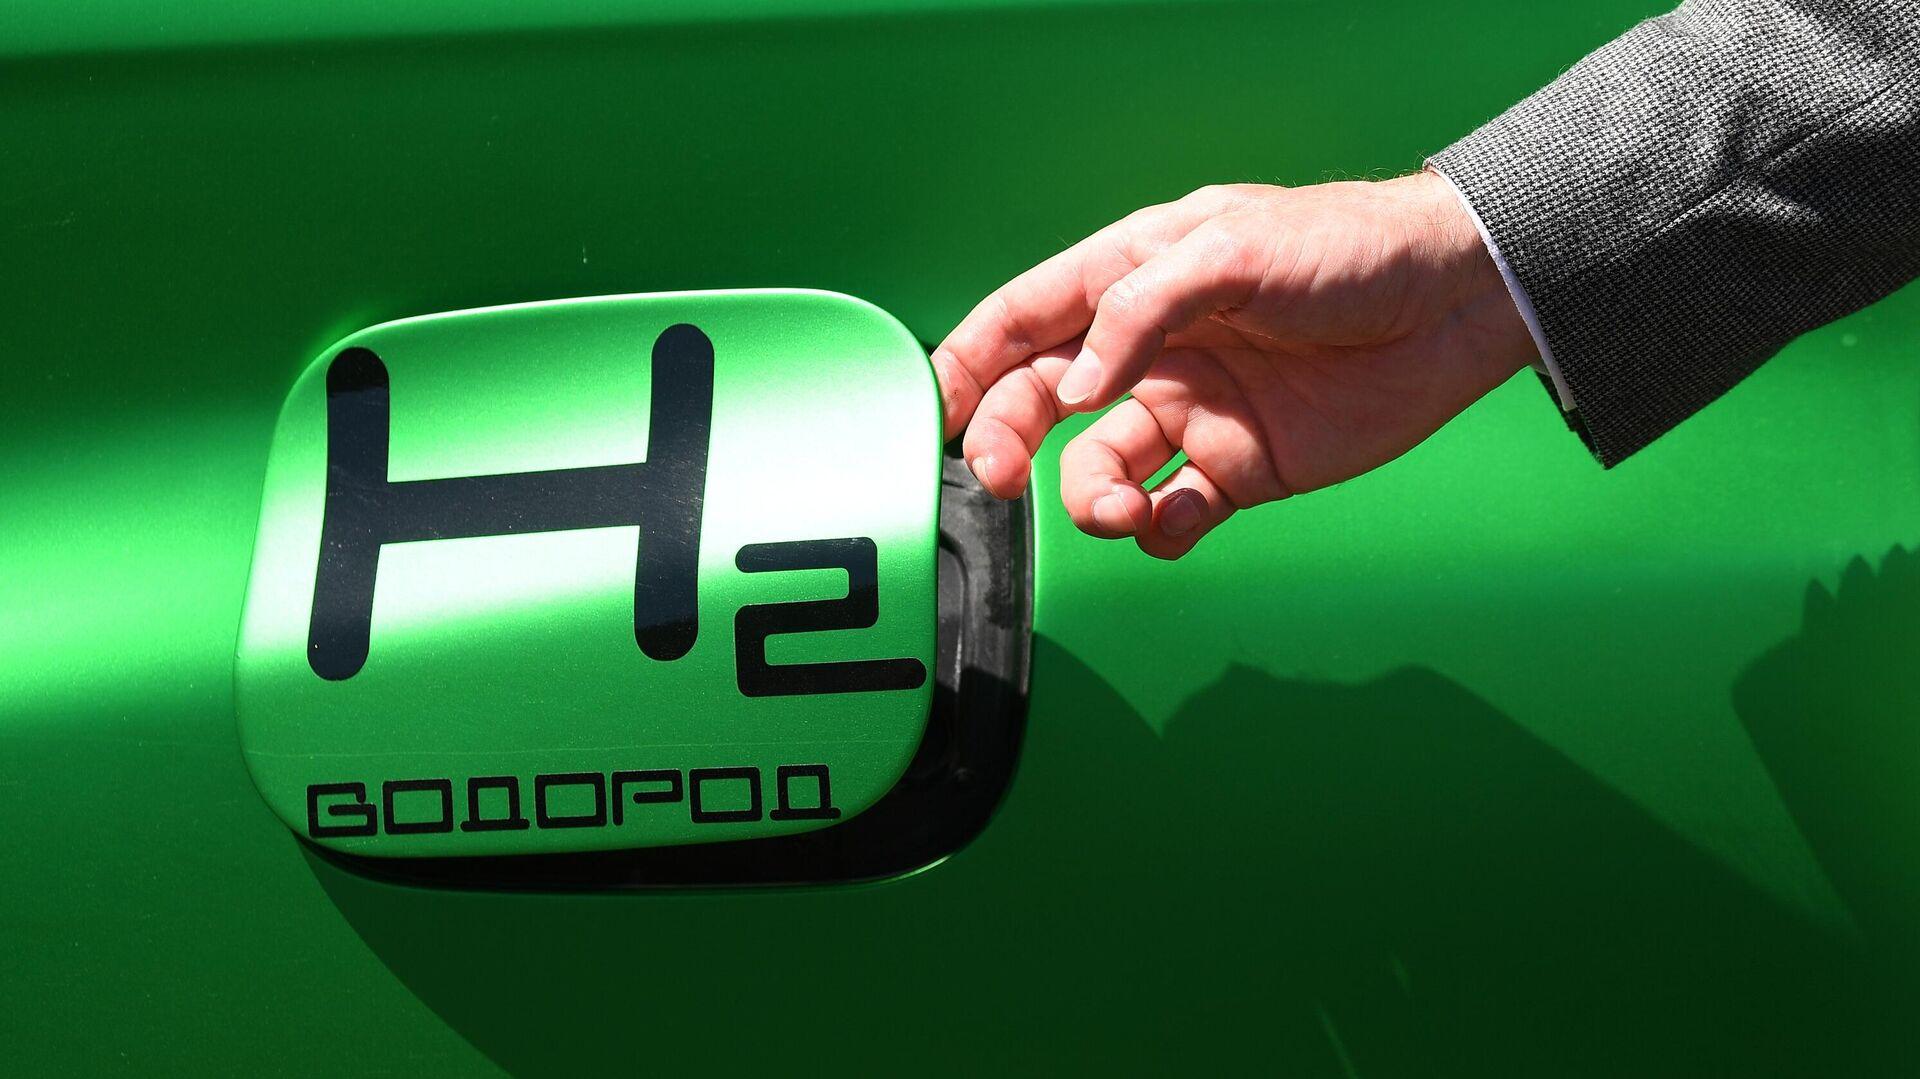 Лючок топливного бака автомобиля во время презентации водородного топлива на территории института комплексной безопасности в строительстве в Мытищах - РИА Новости, 1920, 26.07.2021